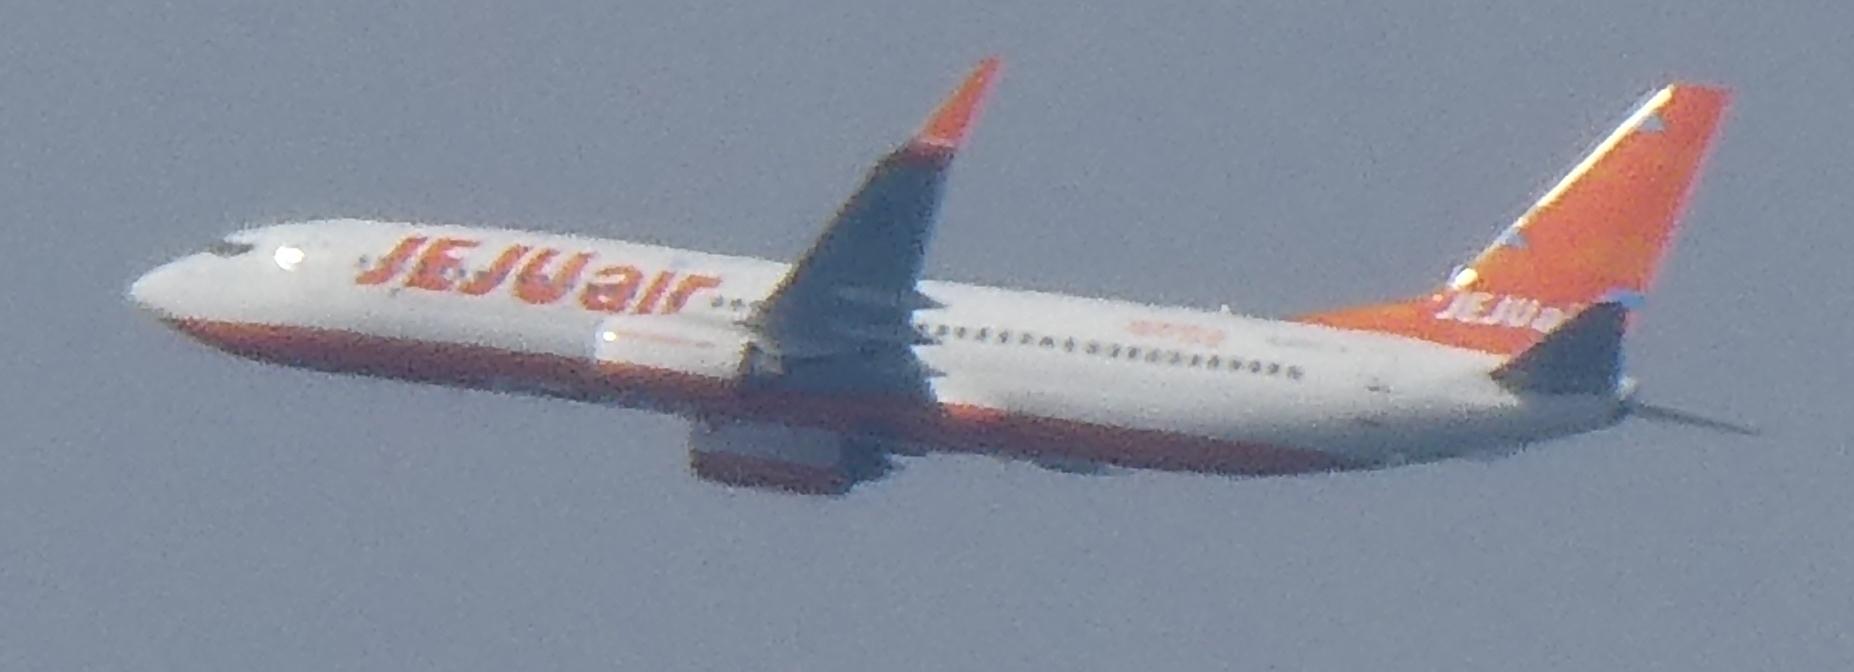 飛行機と遊ぶ_c0108460_15561214.jpg